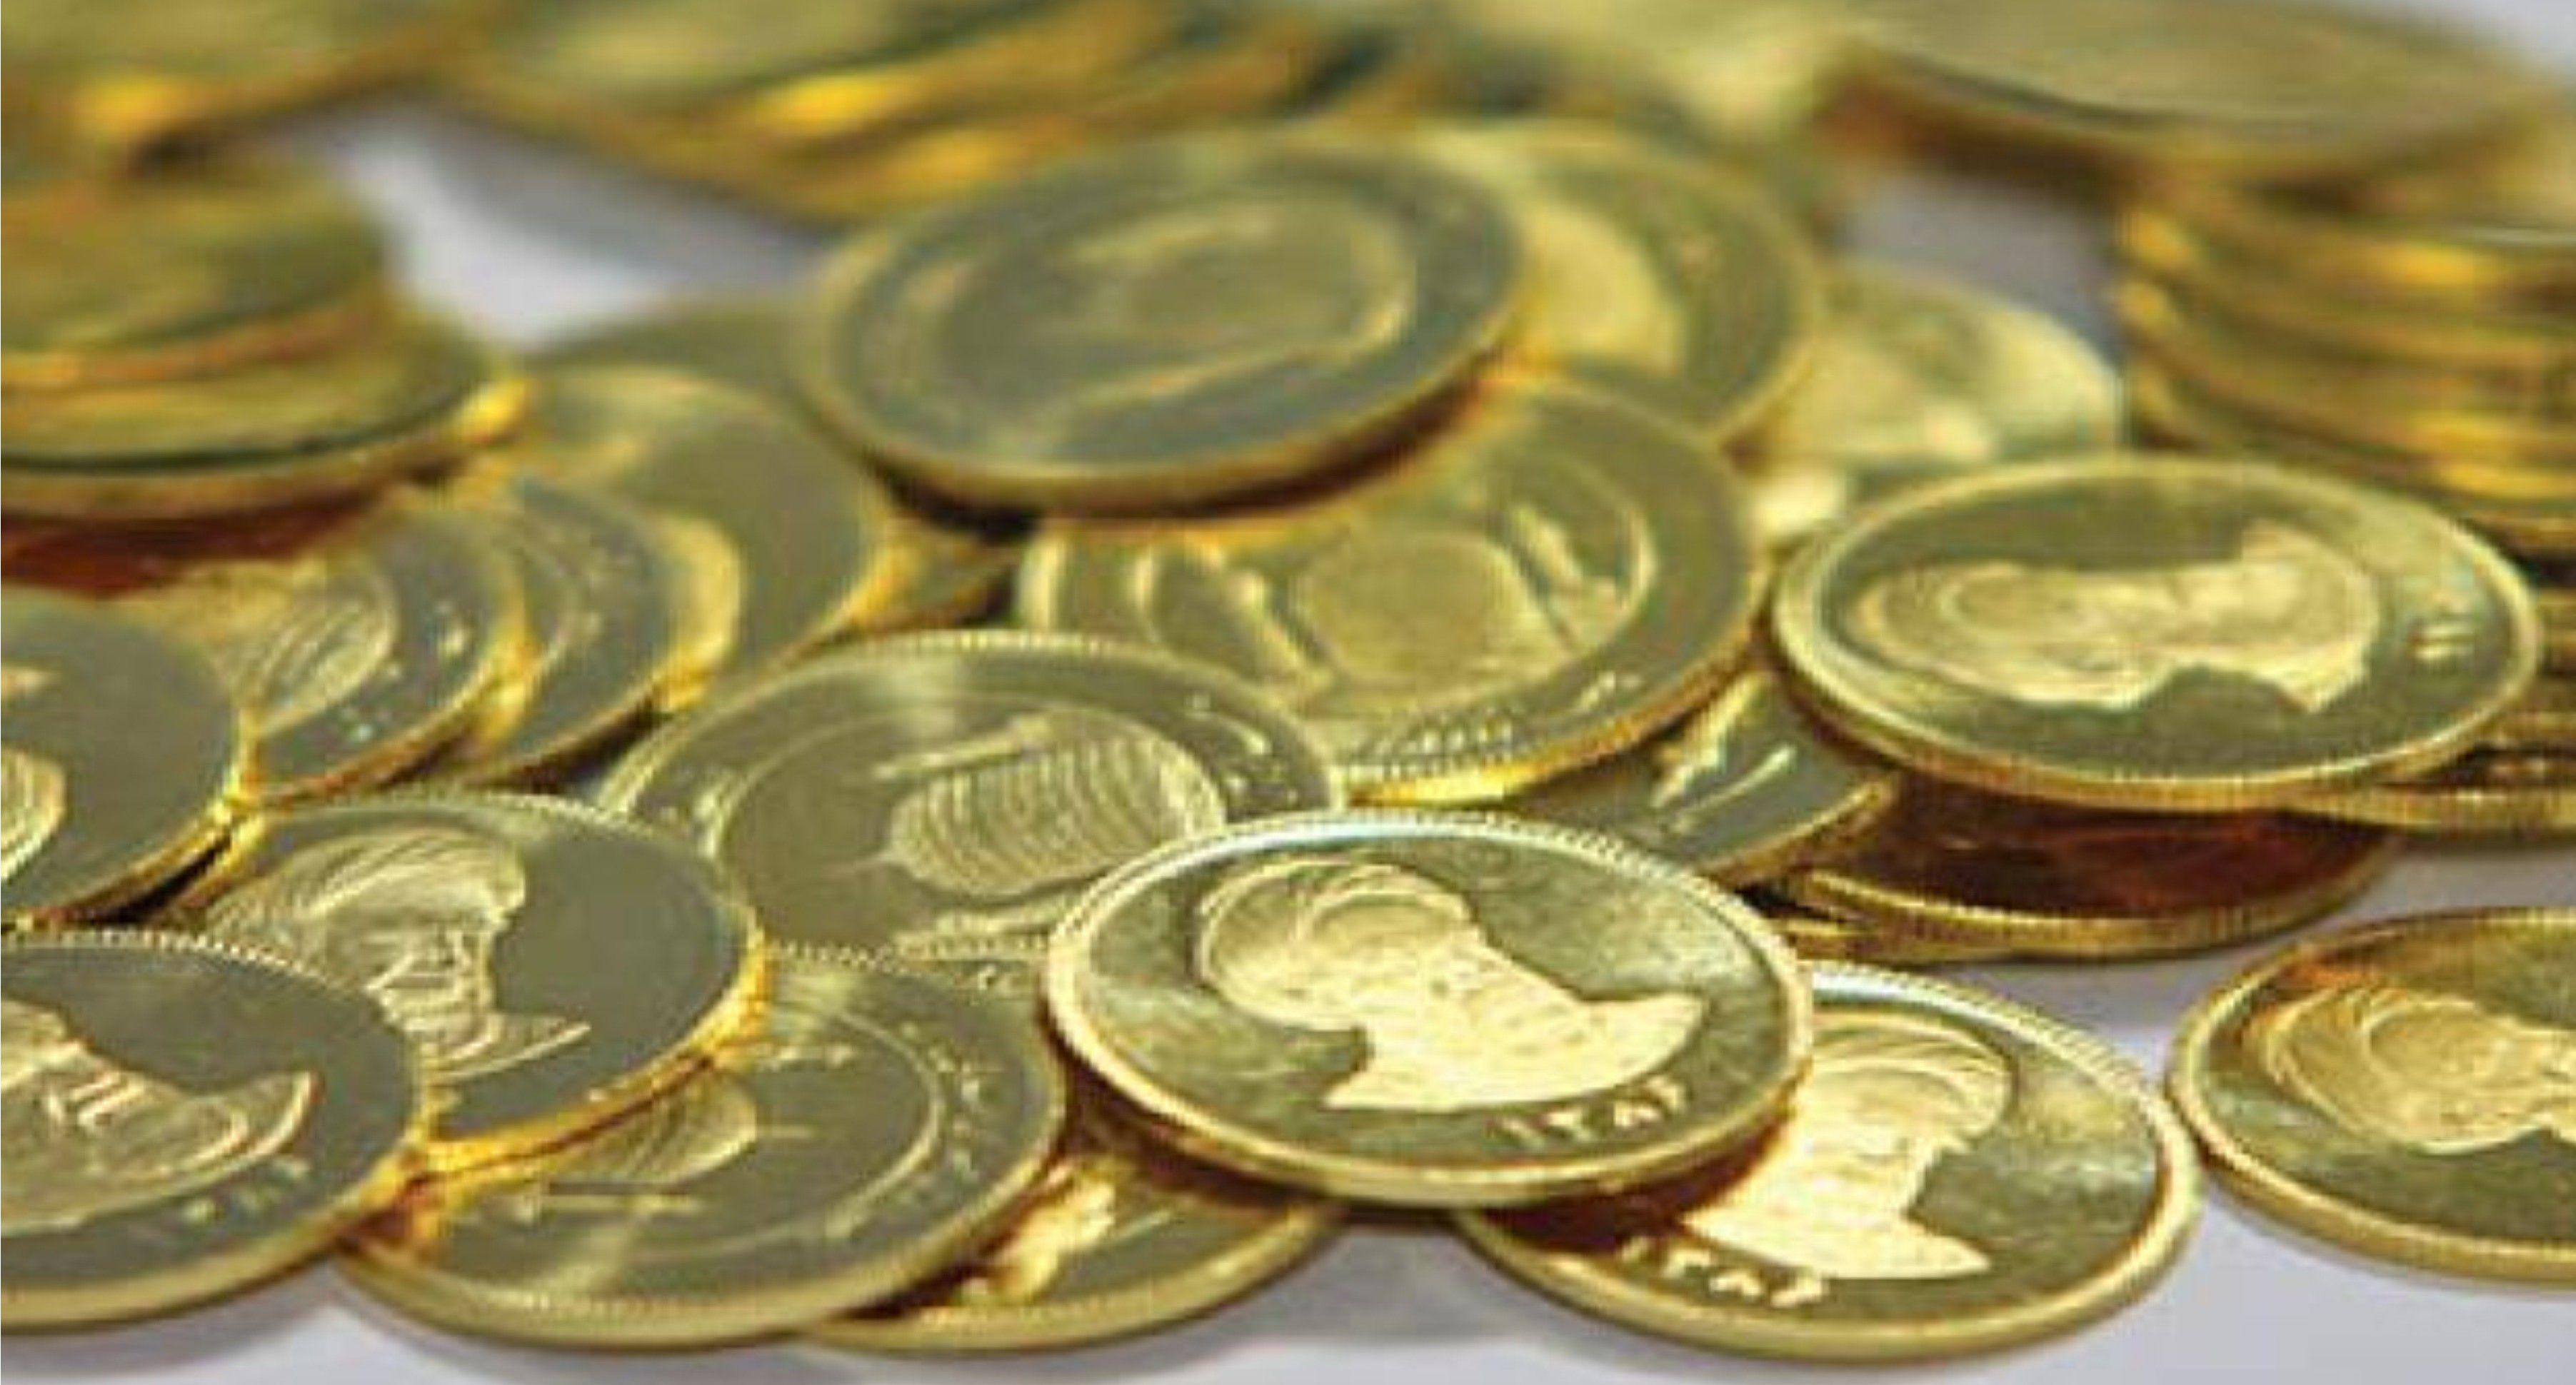 پیشبینی تازه از قیمت طلا و سکه در بازار